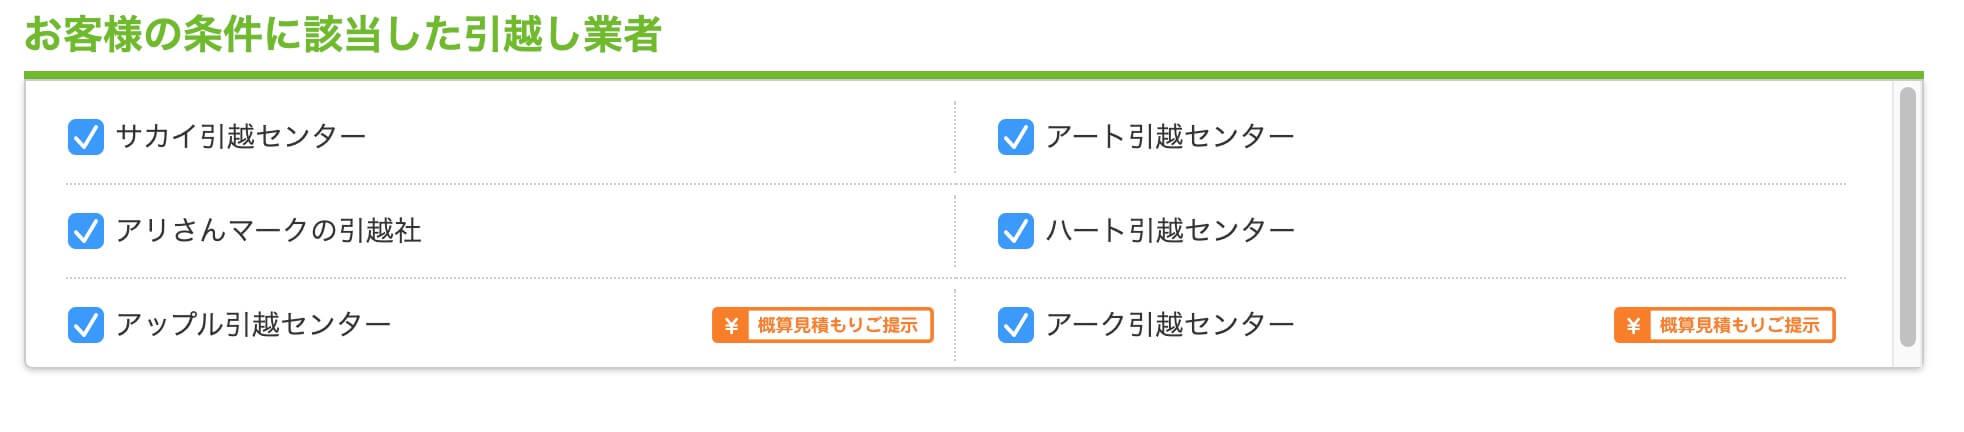 SUUMO引越し見積もりの入力フォーム